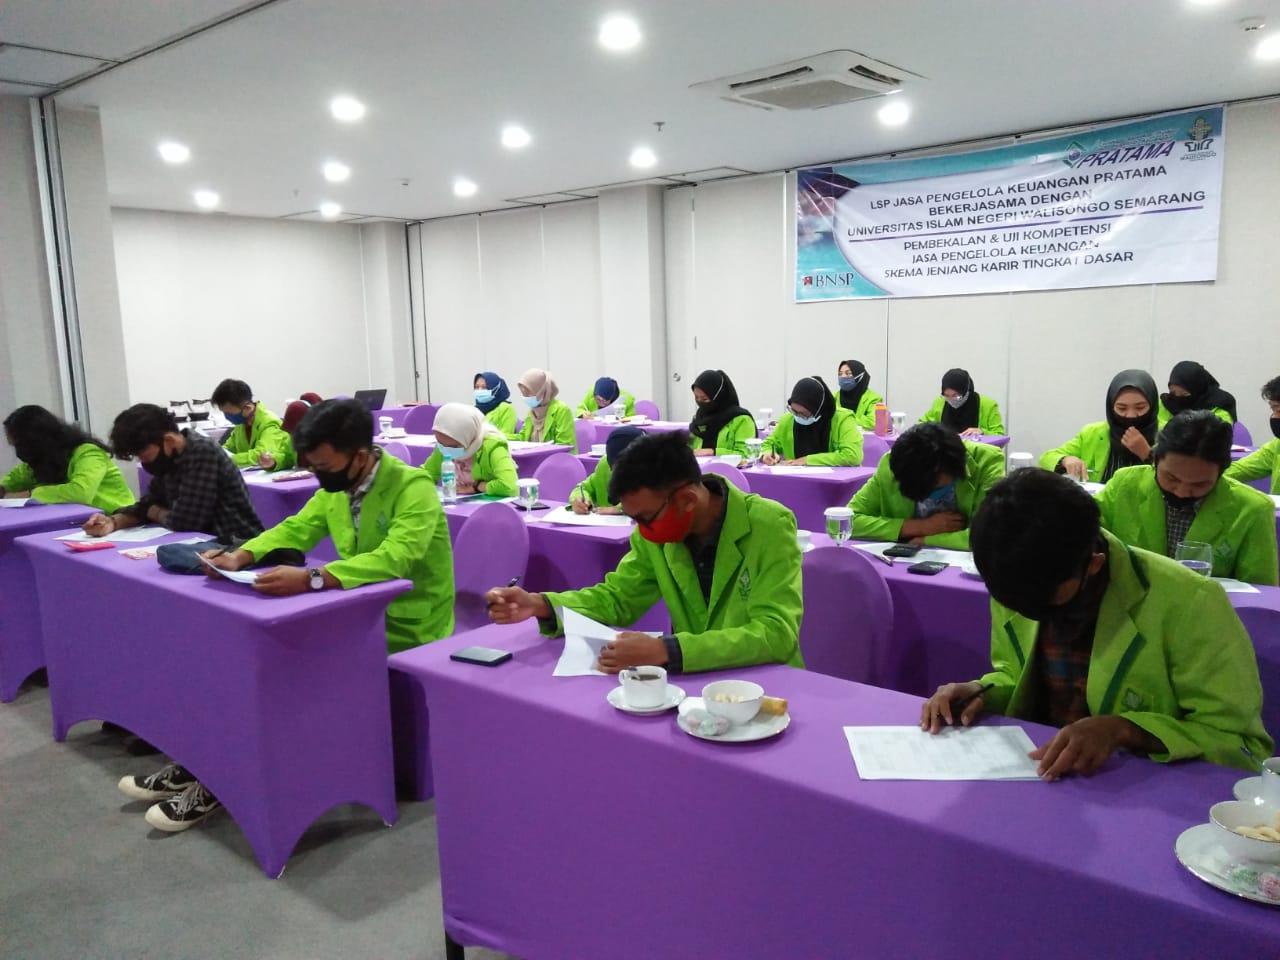 Standarisasi Kualitas Lulusan  Prodi Akuntansi Syariah Melaksanakan Kegiatan Uji Kompetensi Bagi Calon Alumni